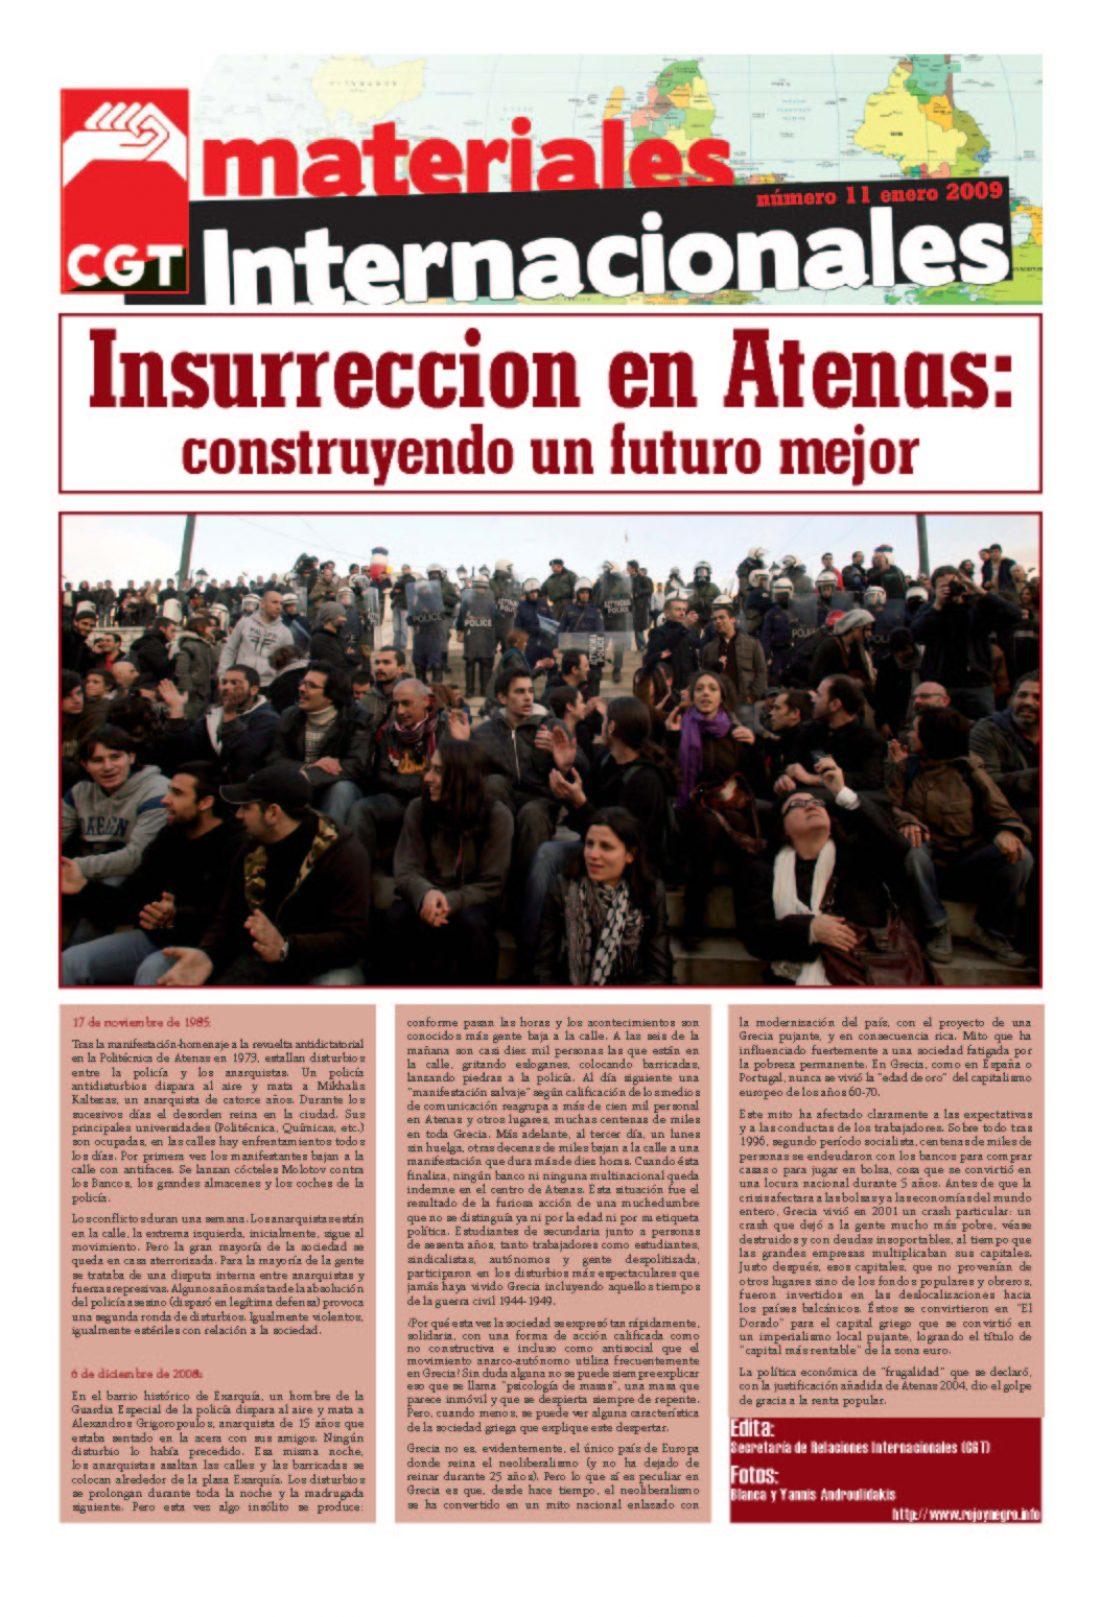 Nº 11. Materiales Internacionales. Enero 2009.